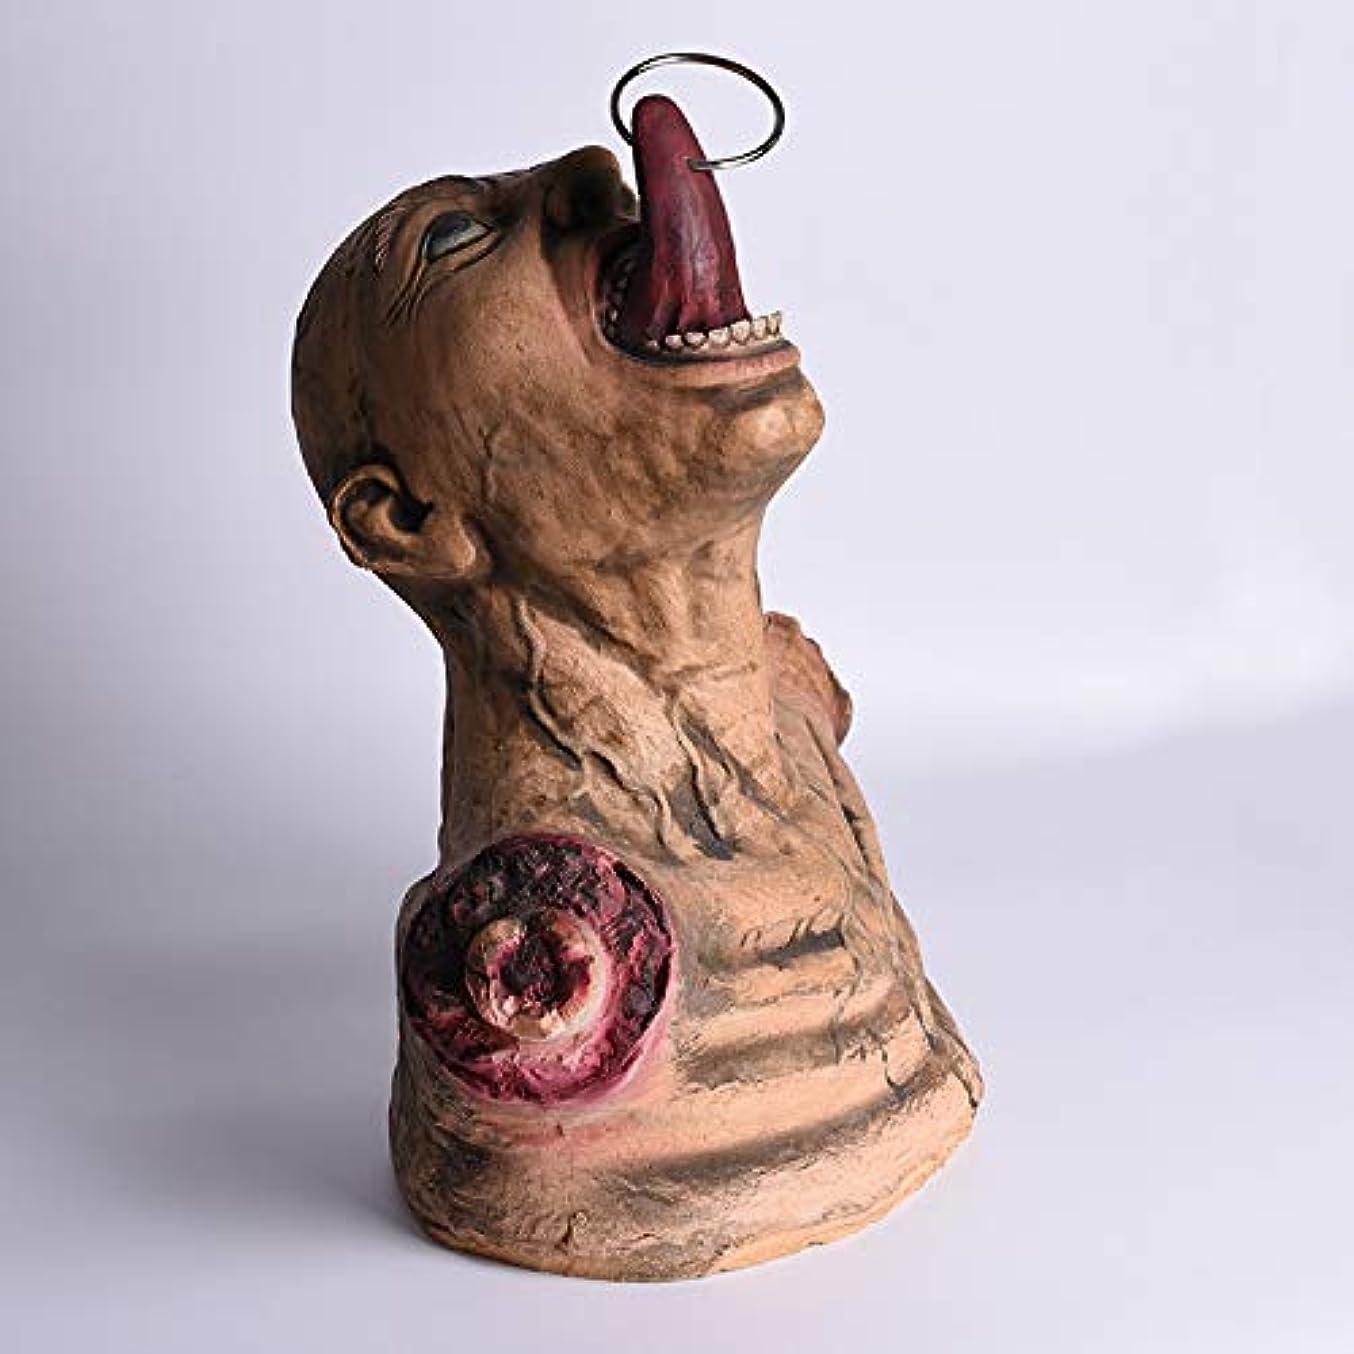 パネル希少性メダルETRRUU HOME ハロウィーンお化けハウスルームエスケープ怖い小道具恐怖壊れた手ぶら下げ幽霊死体全身ゾンビ装飾